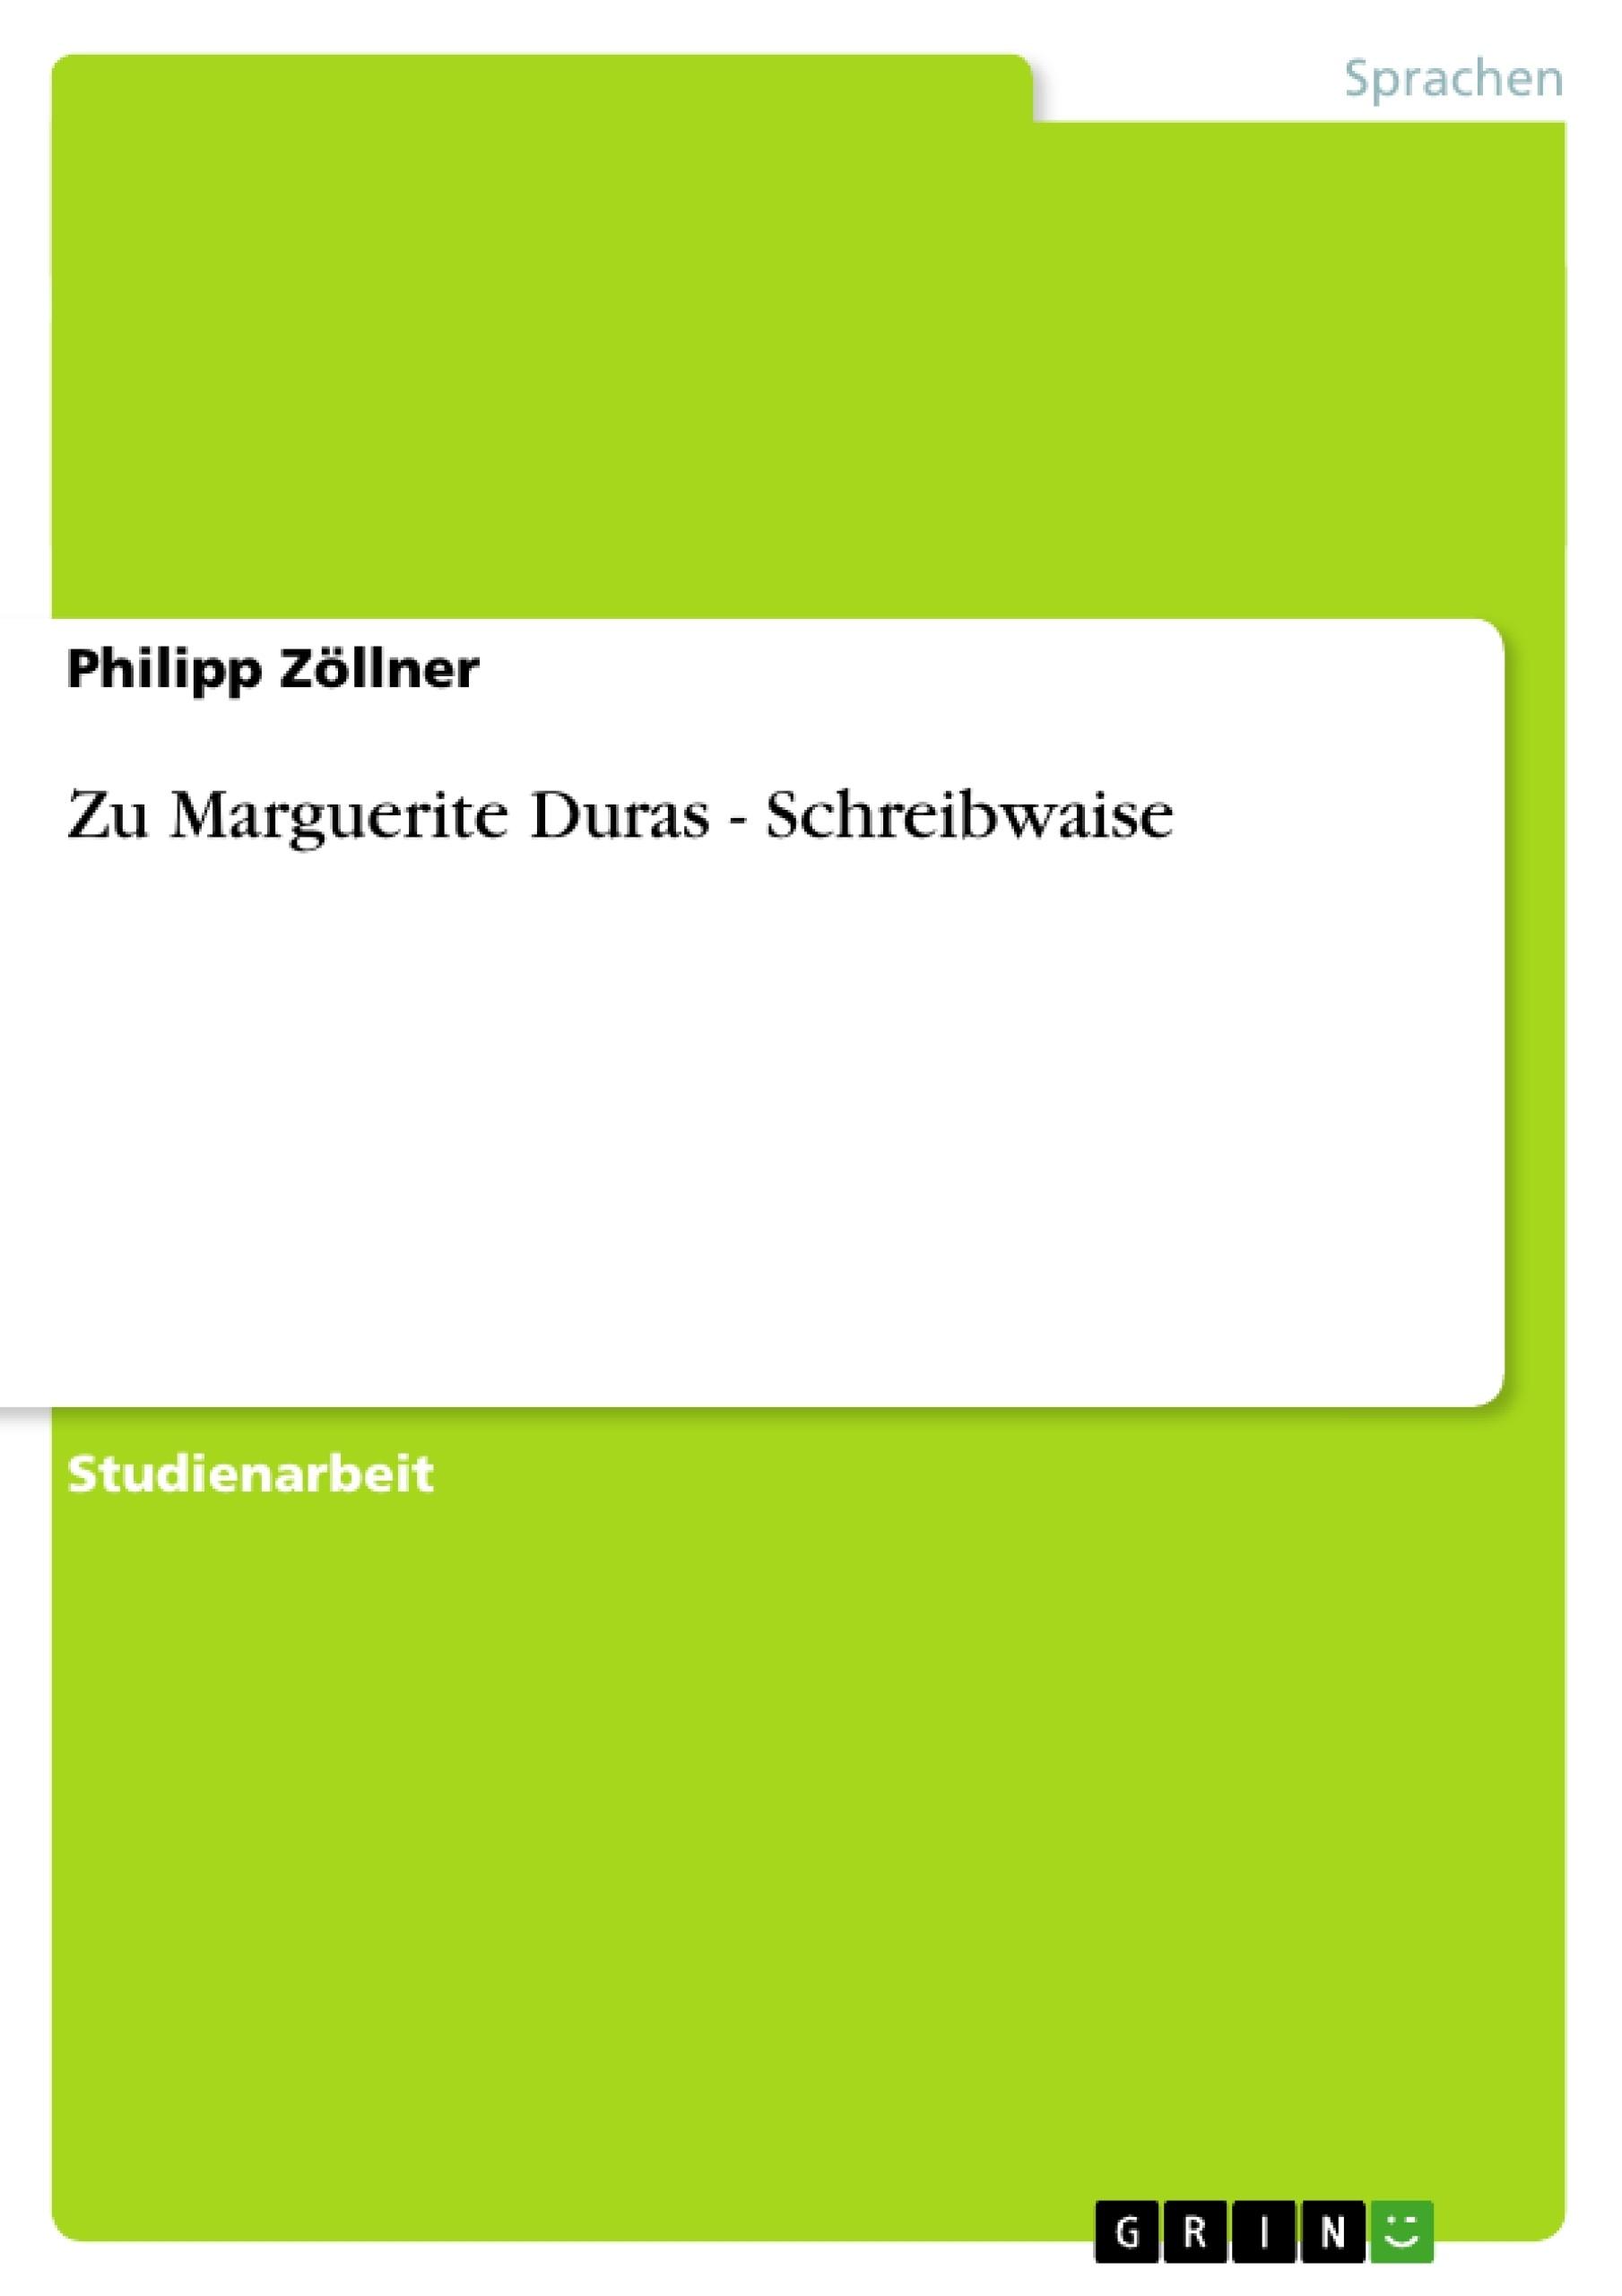 Titel: Zu Marguerite Duras - Schreibwaise